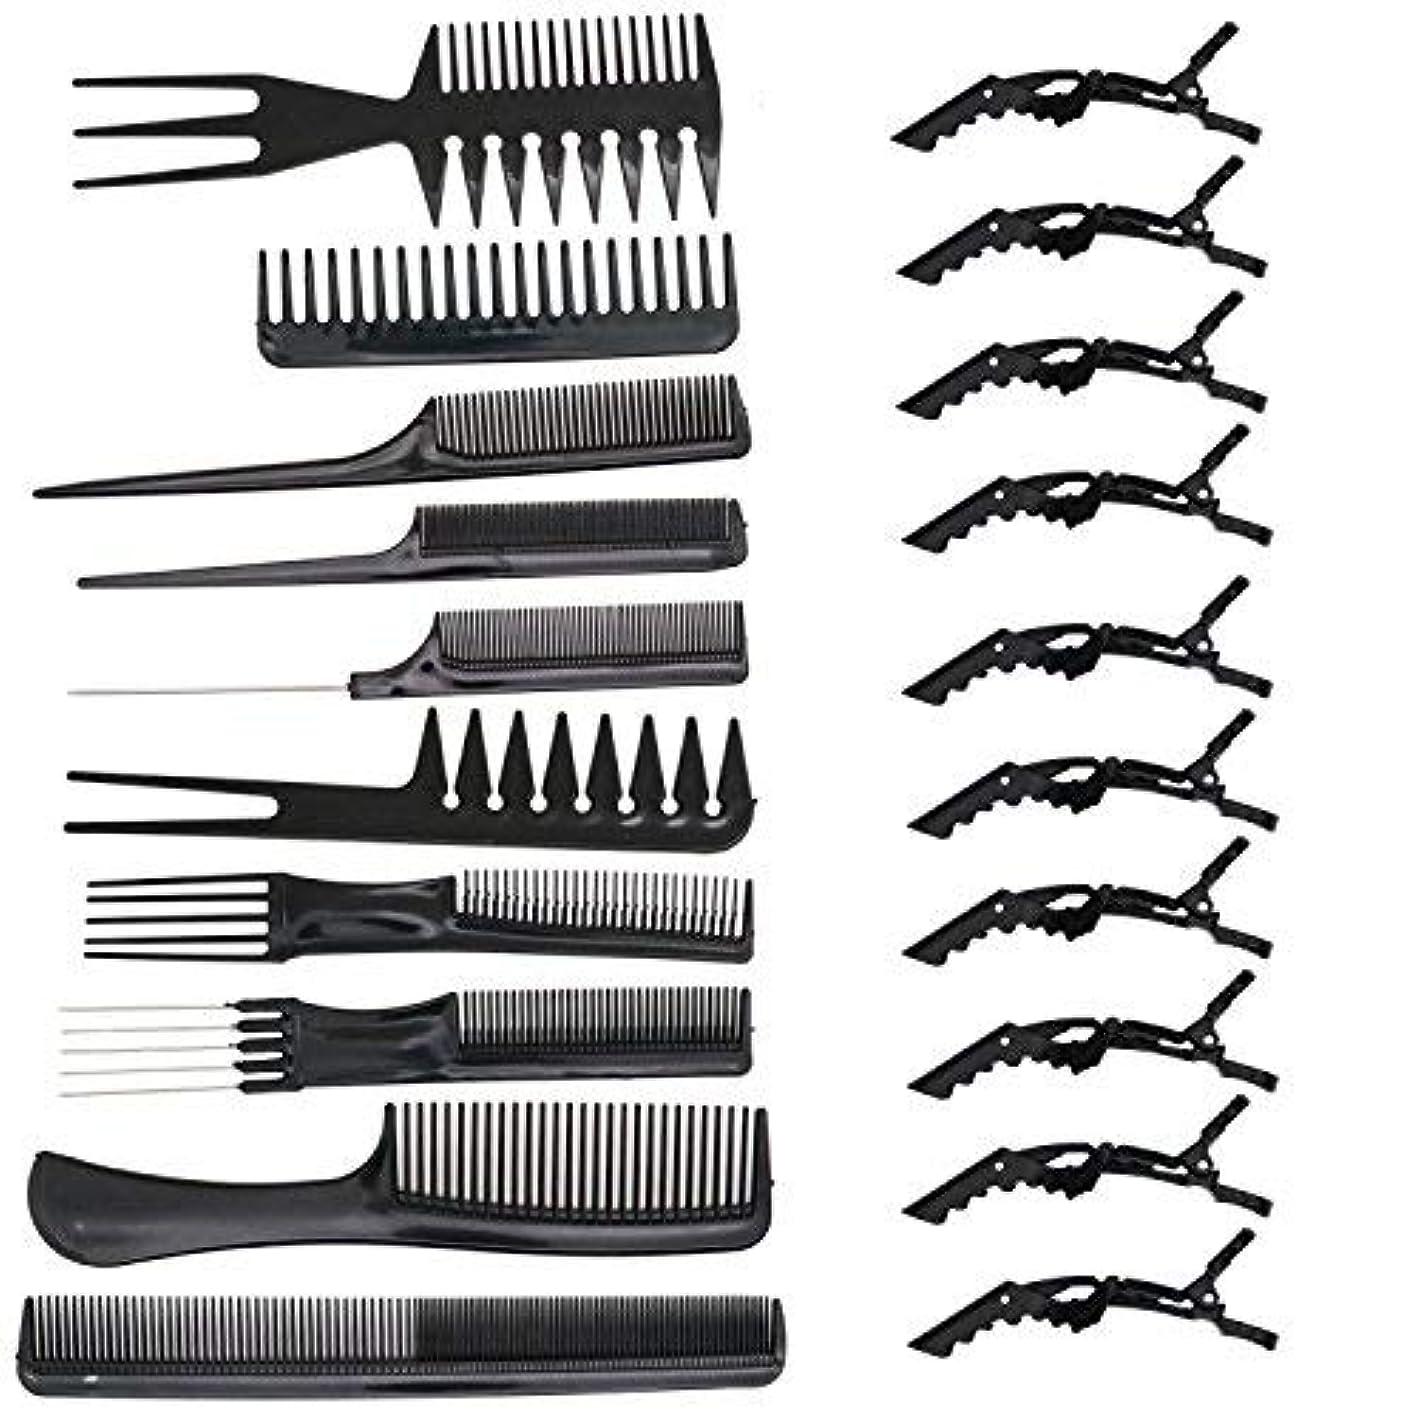 ドラマ樹木カウントHUELE 10 Pcs Professional Hair Styling Comb with Styling Clips Hair Salon Styling Barbers Set Kit [並行輸入品]